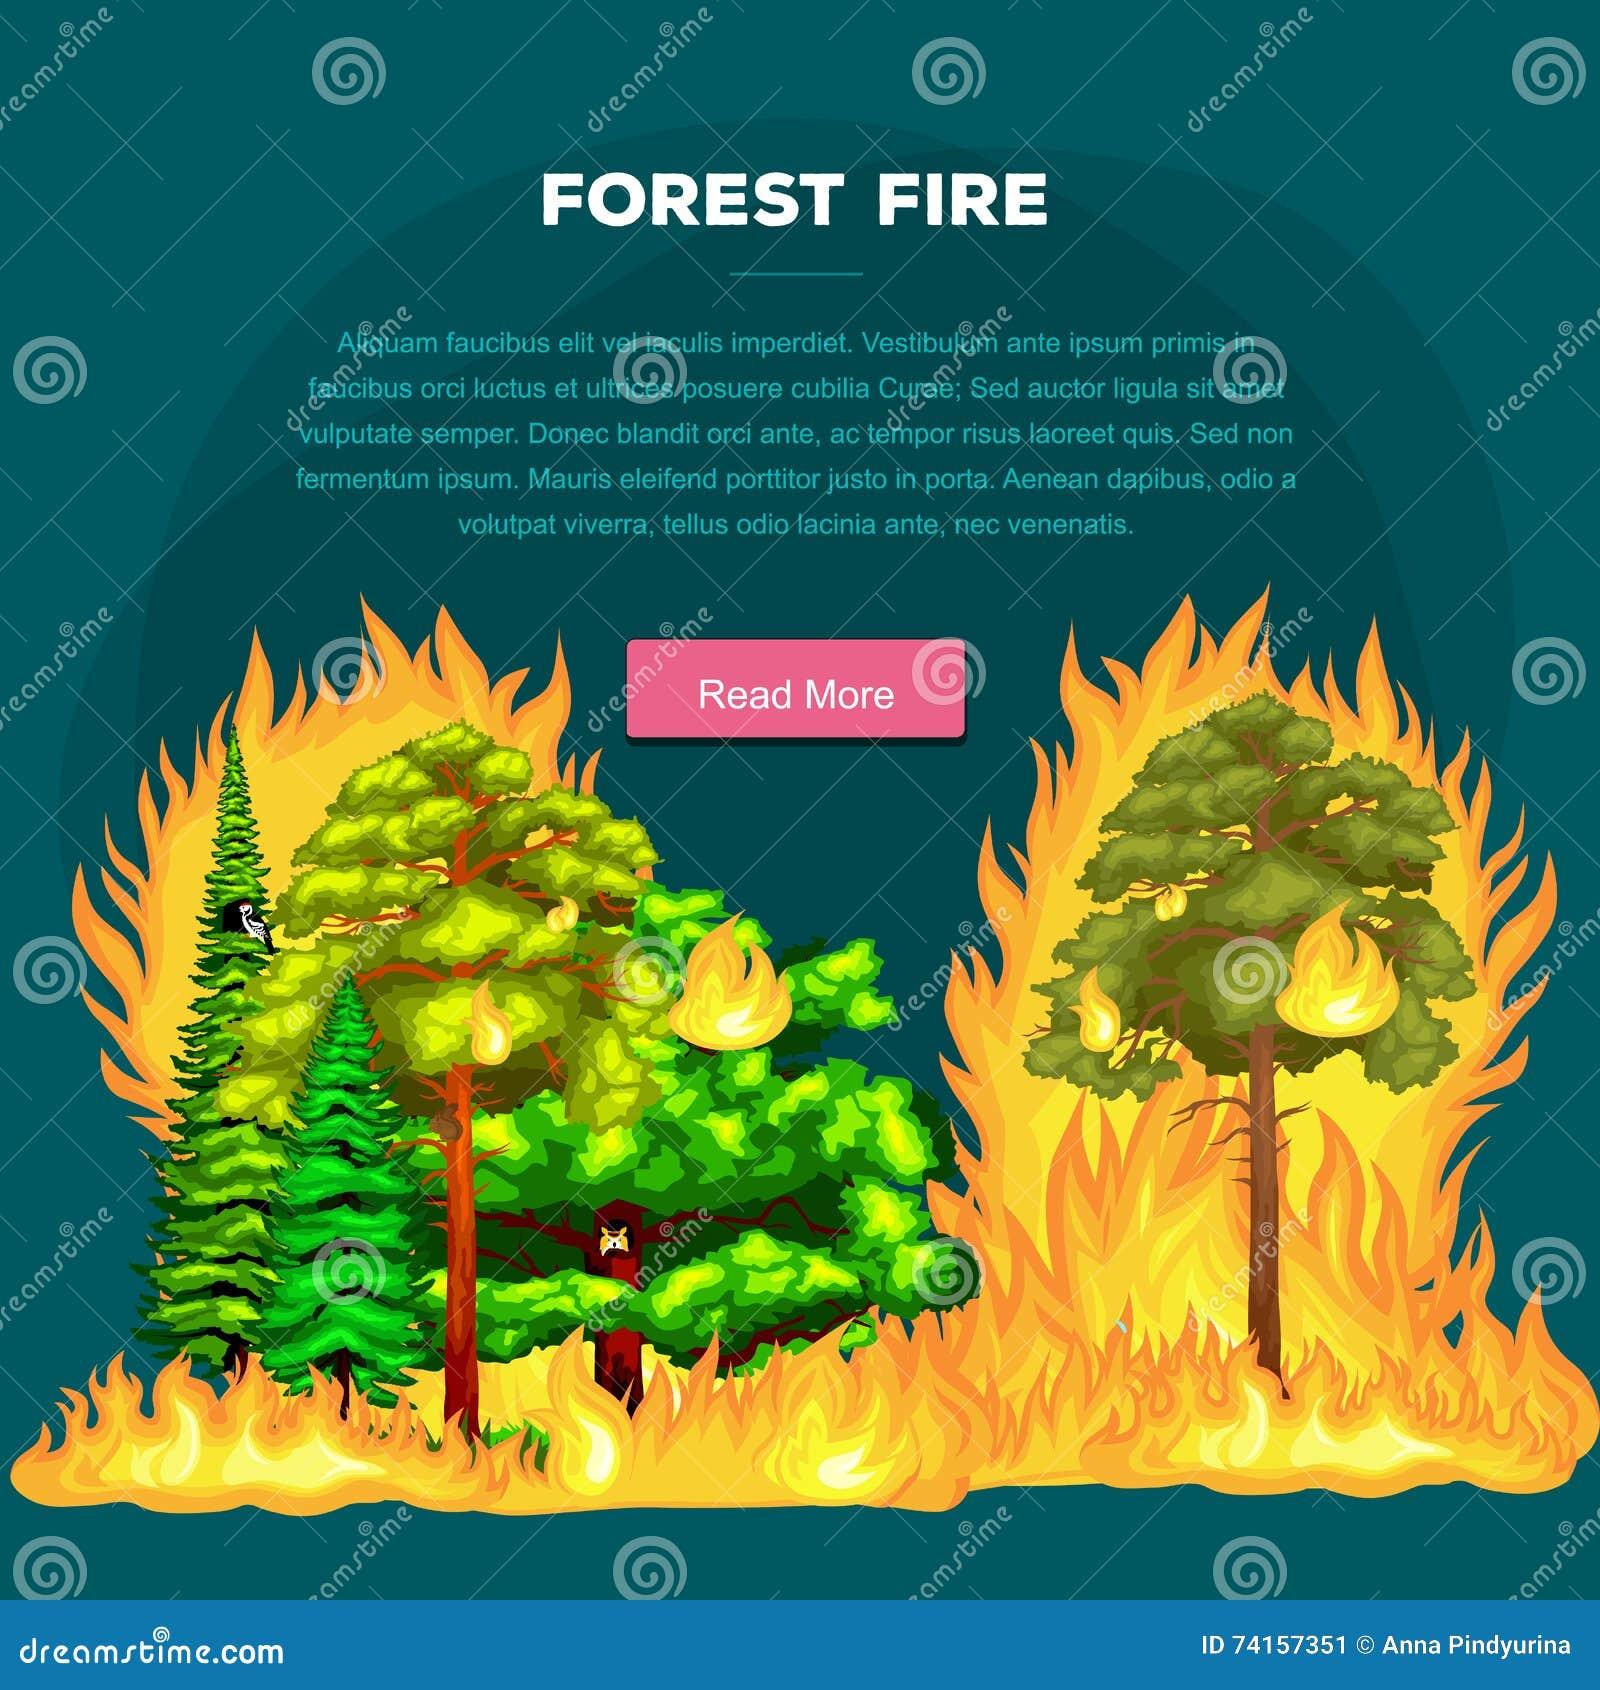 森林火灾,在森林风景损伤,自然生态灾害,热的灼烧的树,危险森林火灾火焰的火与